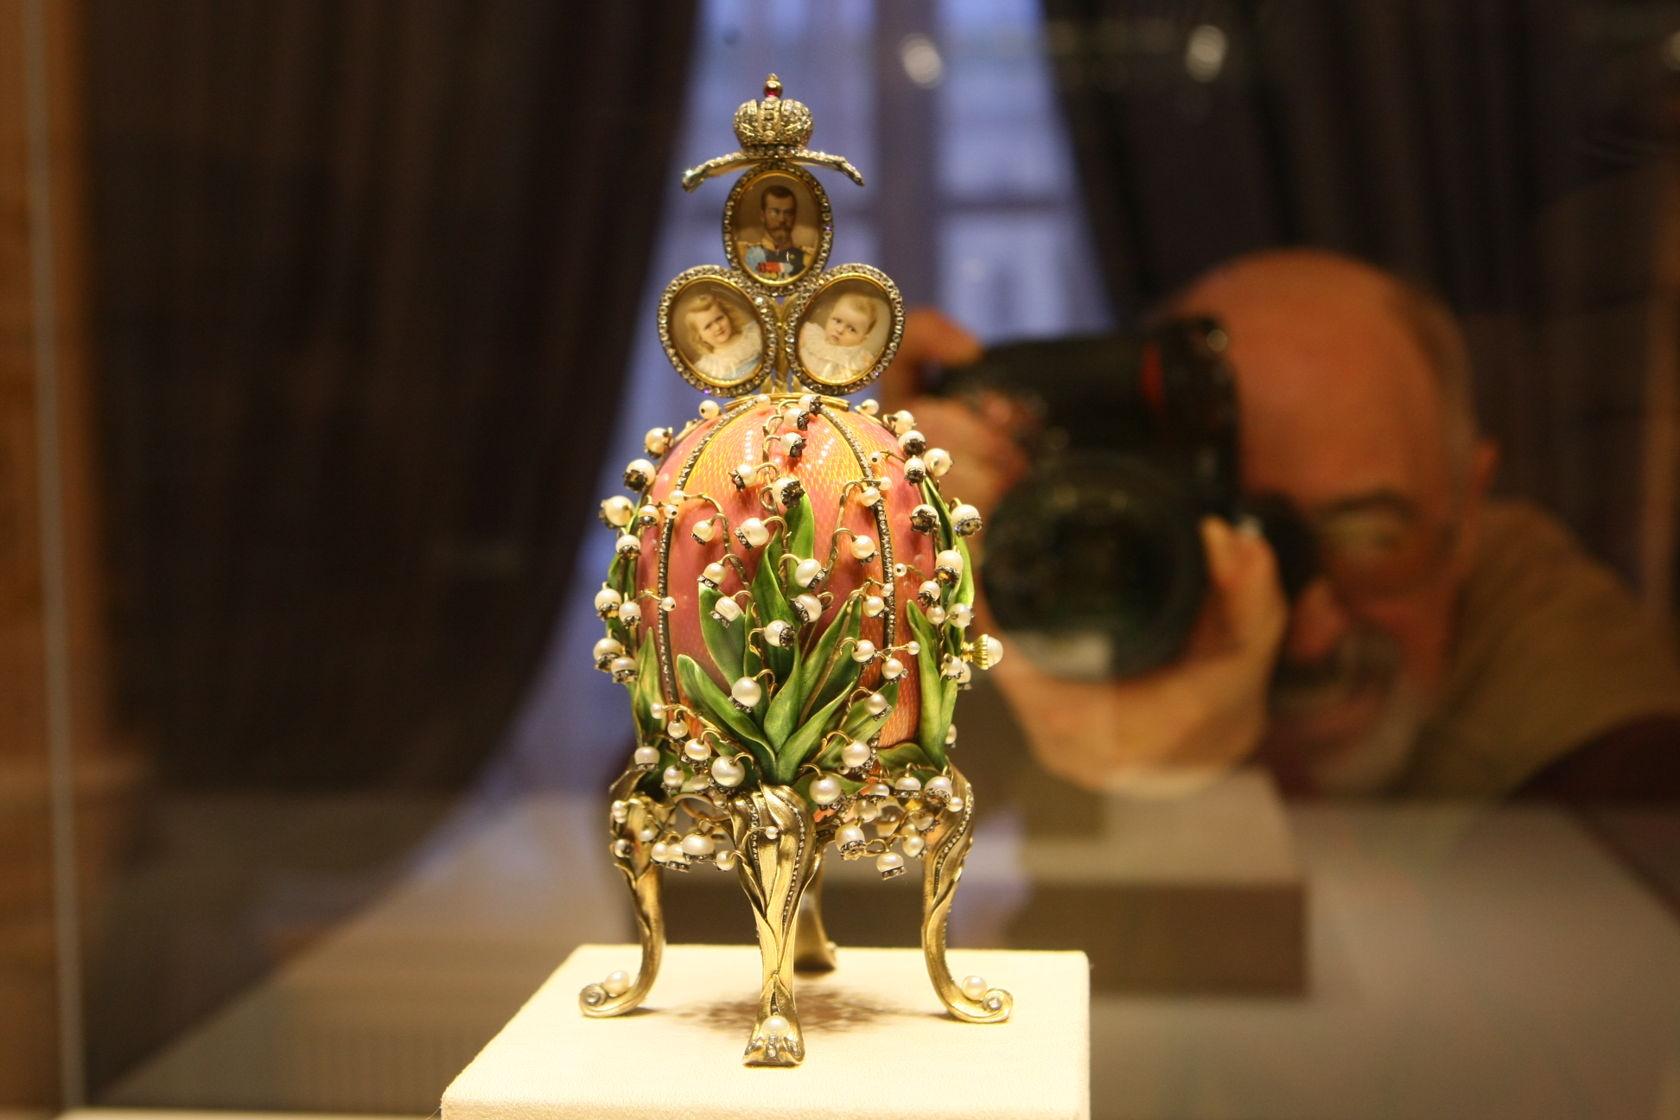 Экспонат #23. Пасхальное императорское яйцо